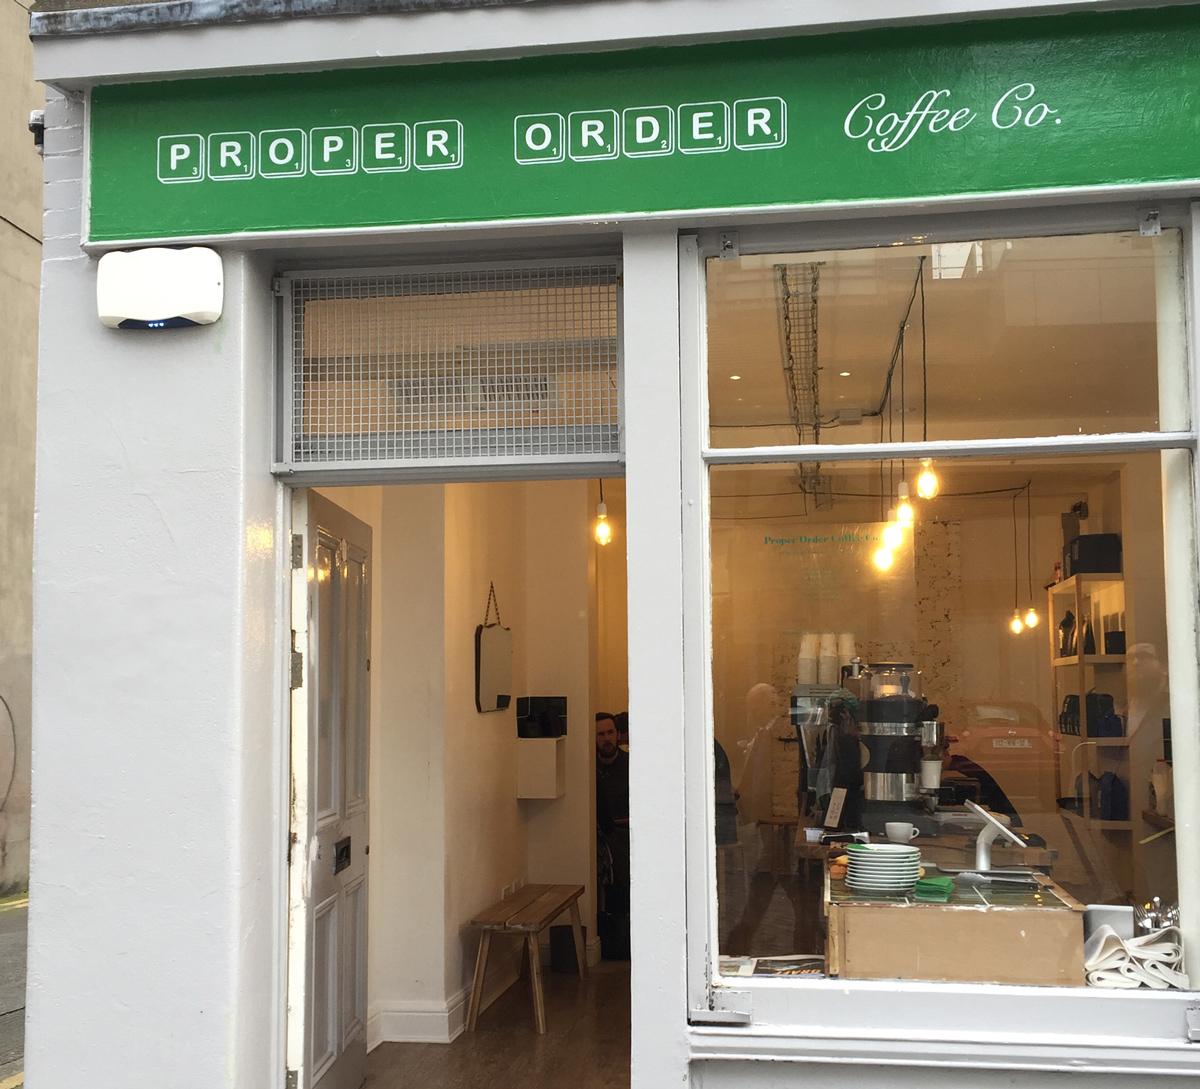 PROPER ORDER COFFEE CO, Smithfield, Dublin. Design Proper Order.